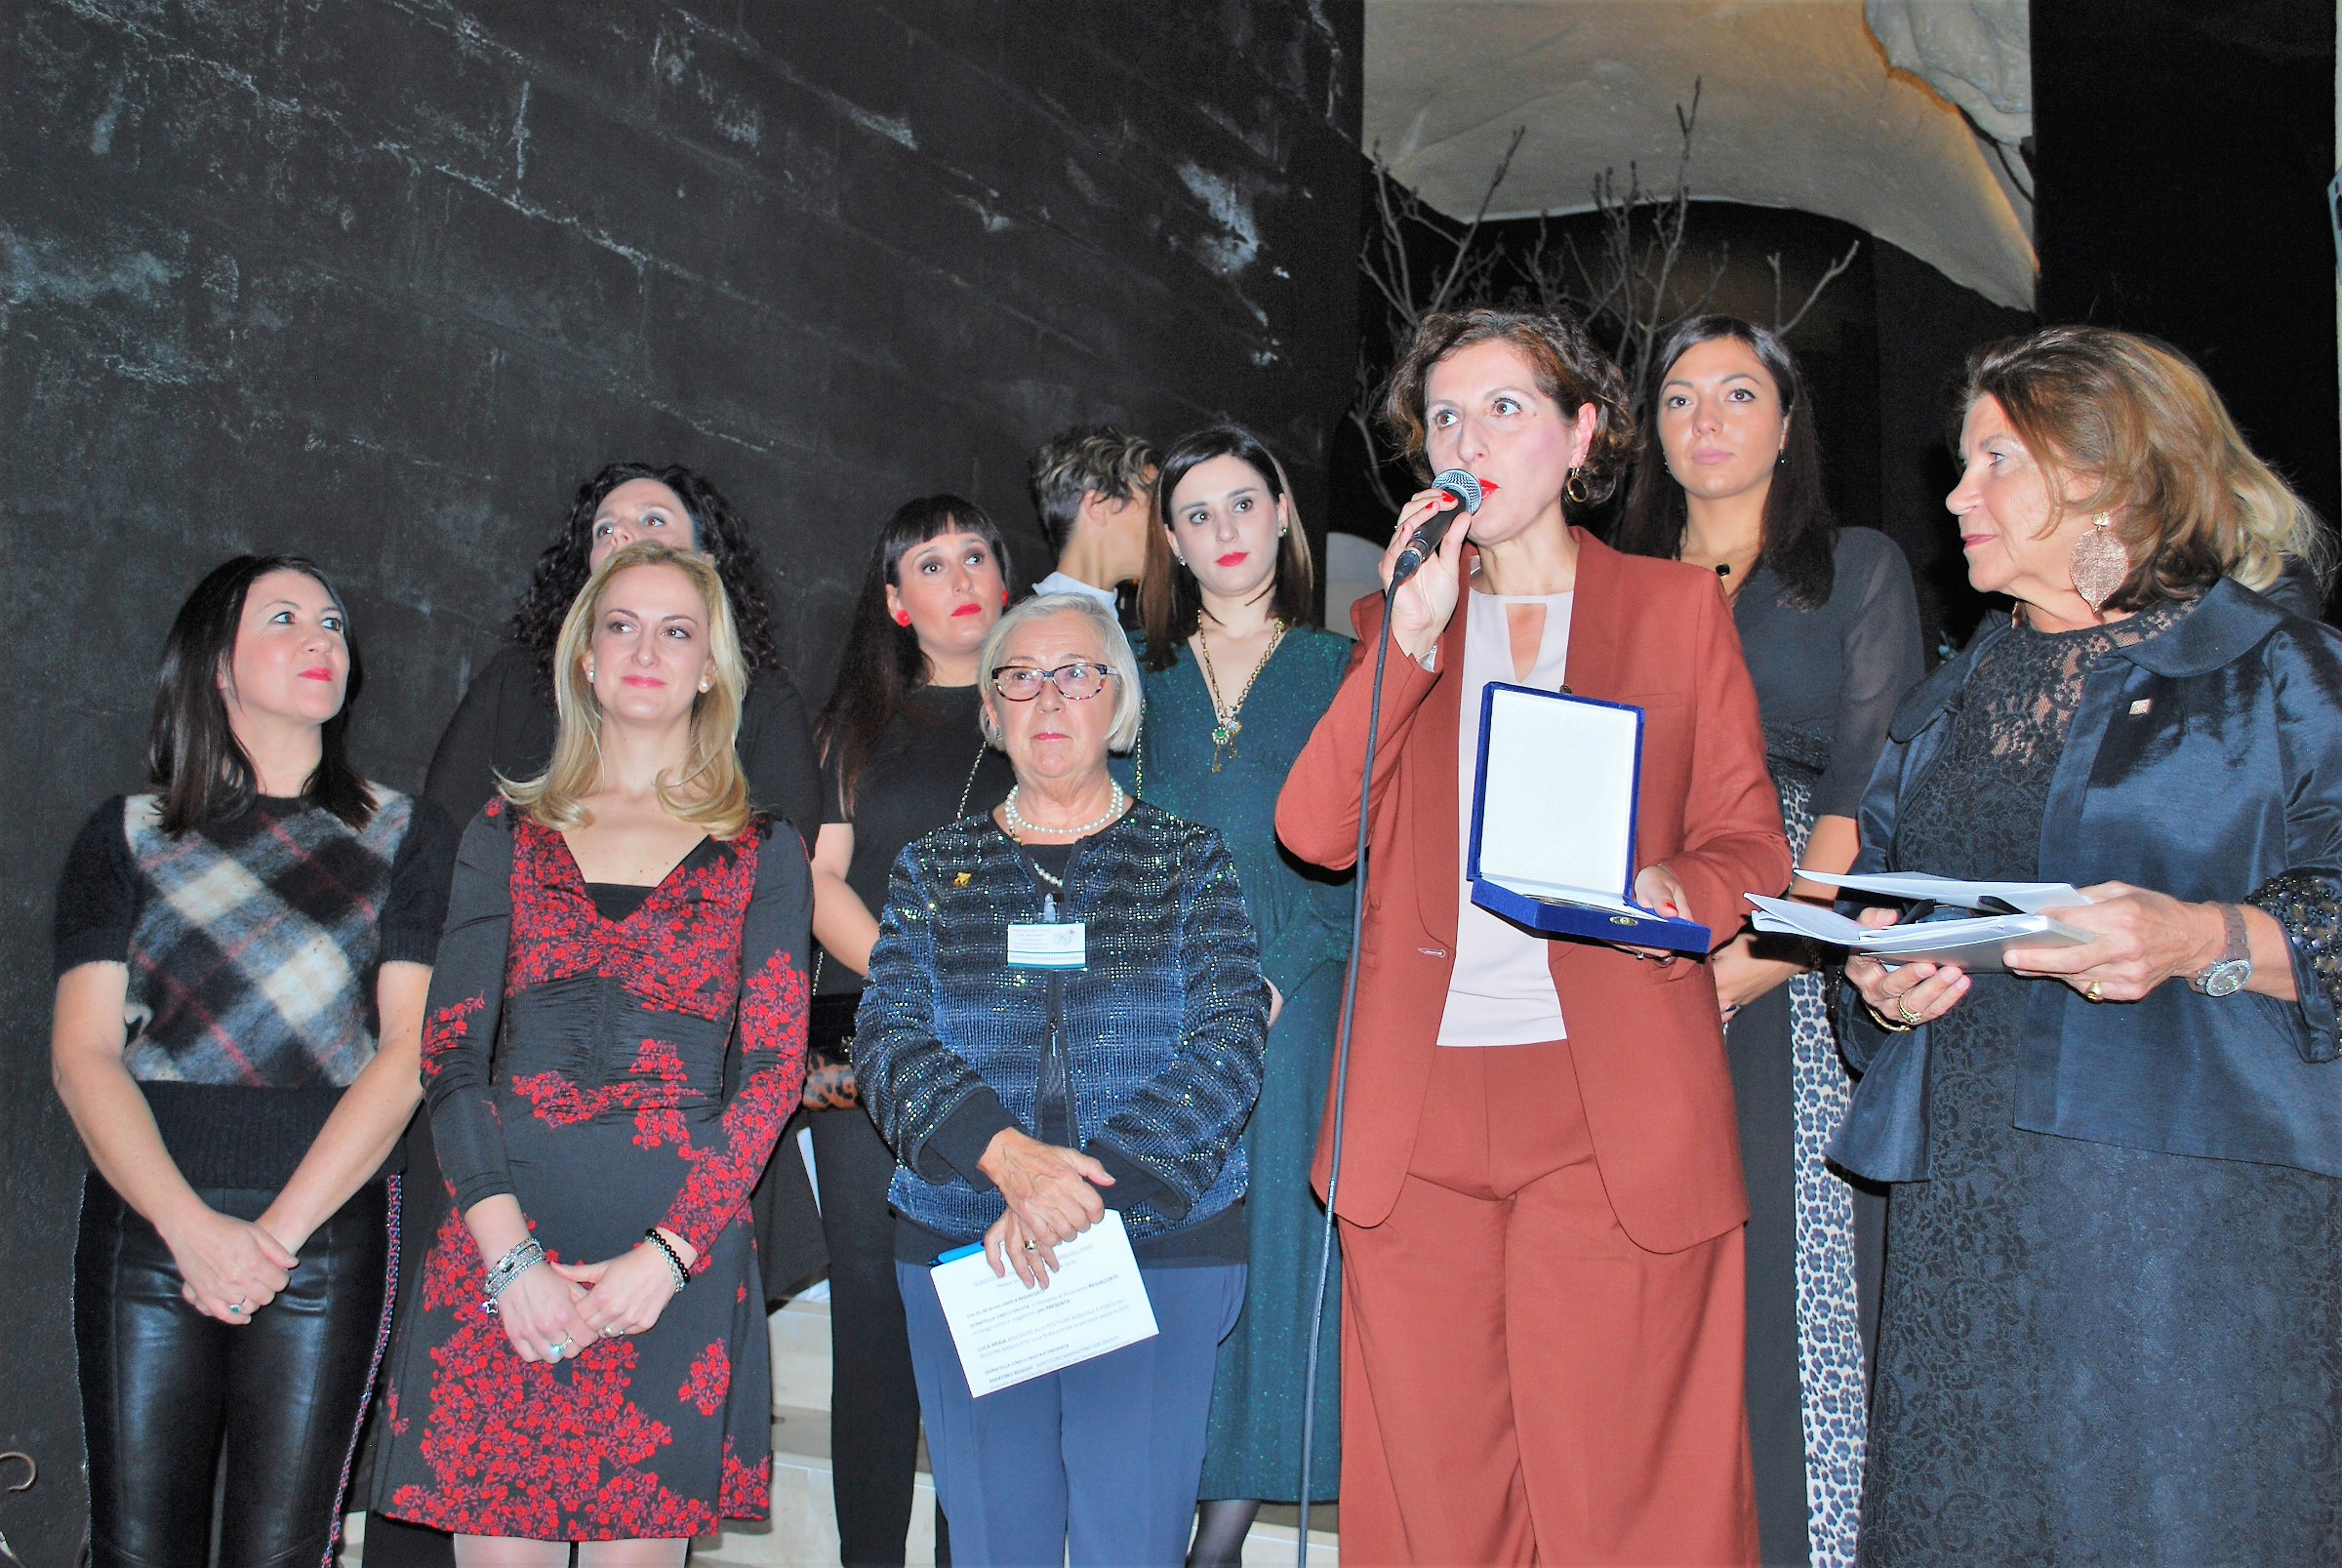 Matera Premio Personaggio dell'Anno a Matilde D'Errico, giornalista e autrice televisiva che da sempre si batte contro la violenza sulle Donne. 16 novembre 2018